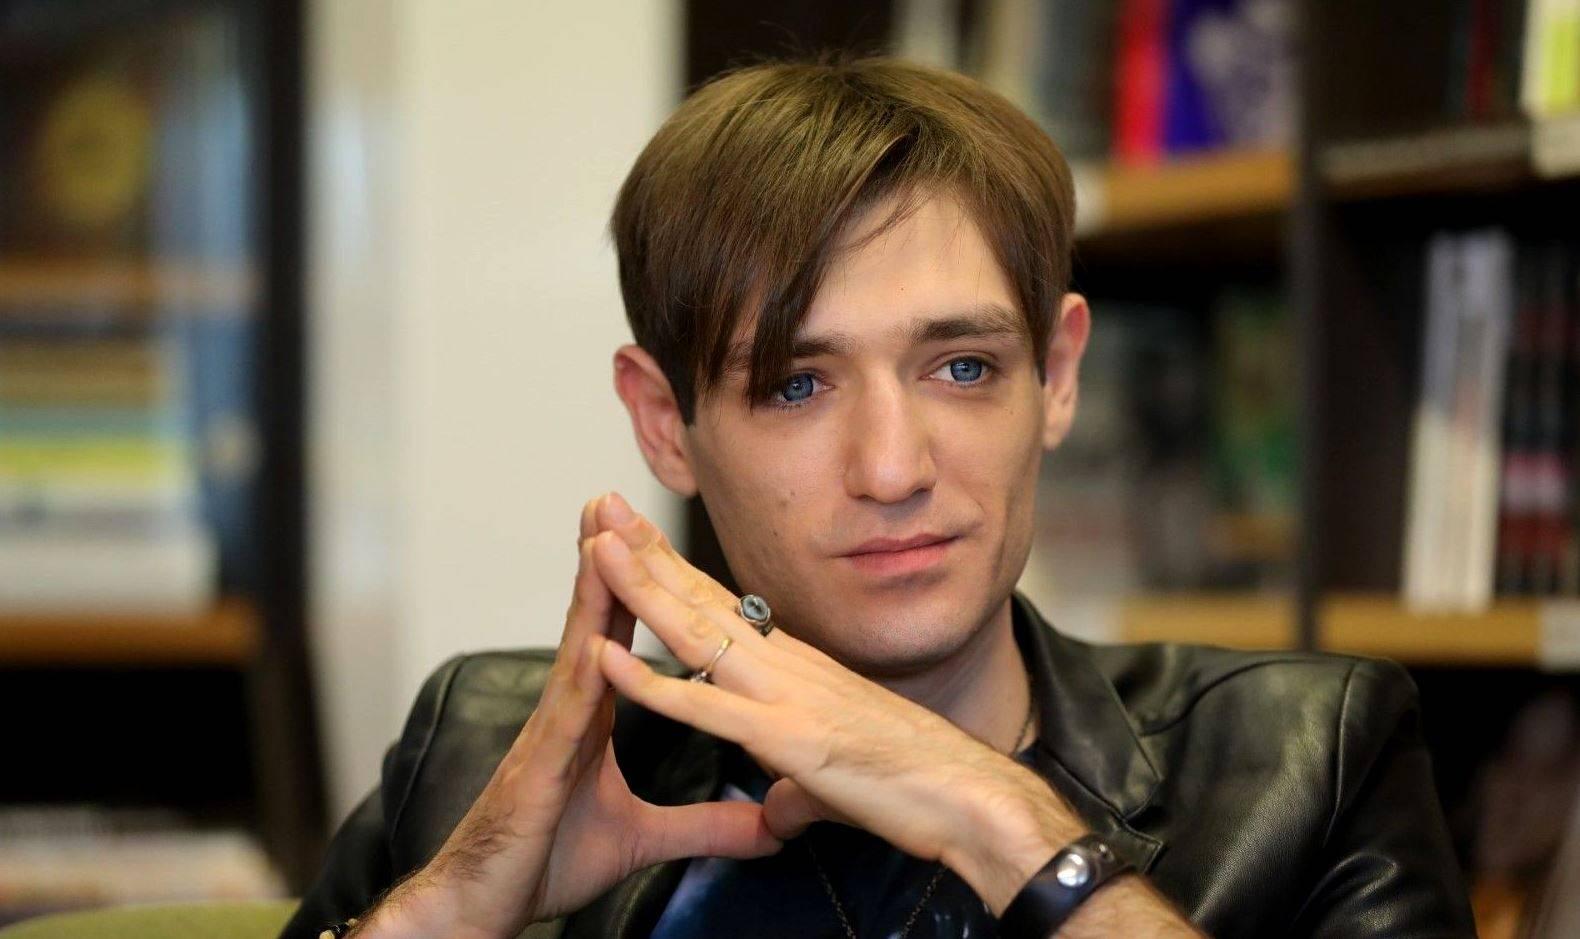 Александр шепс: биография, личная жизнь, семья, его новая девушка фото, разоблачение